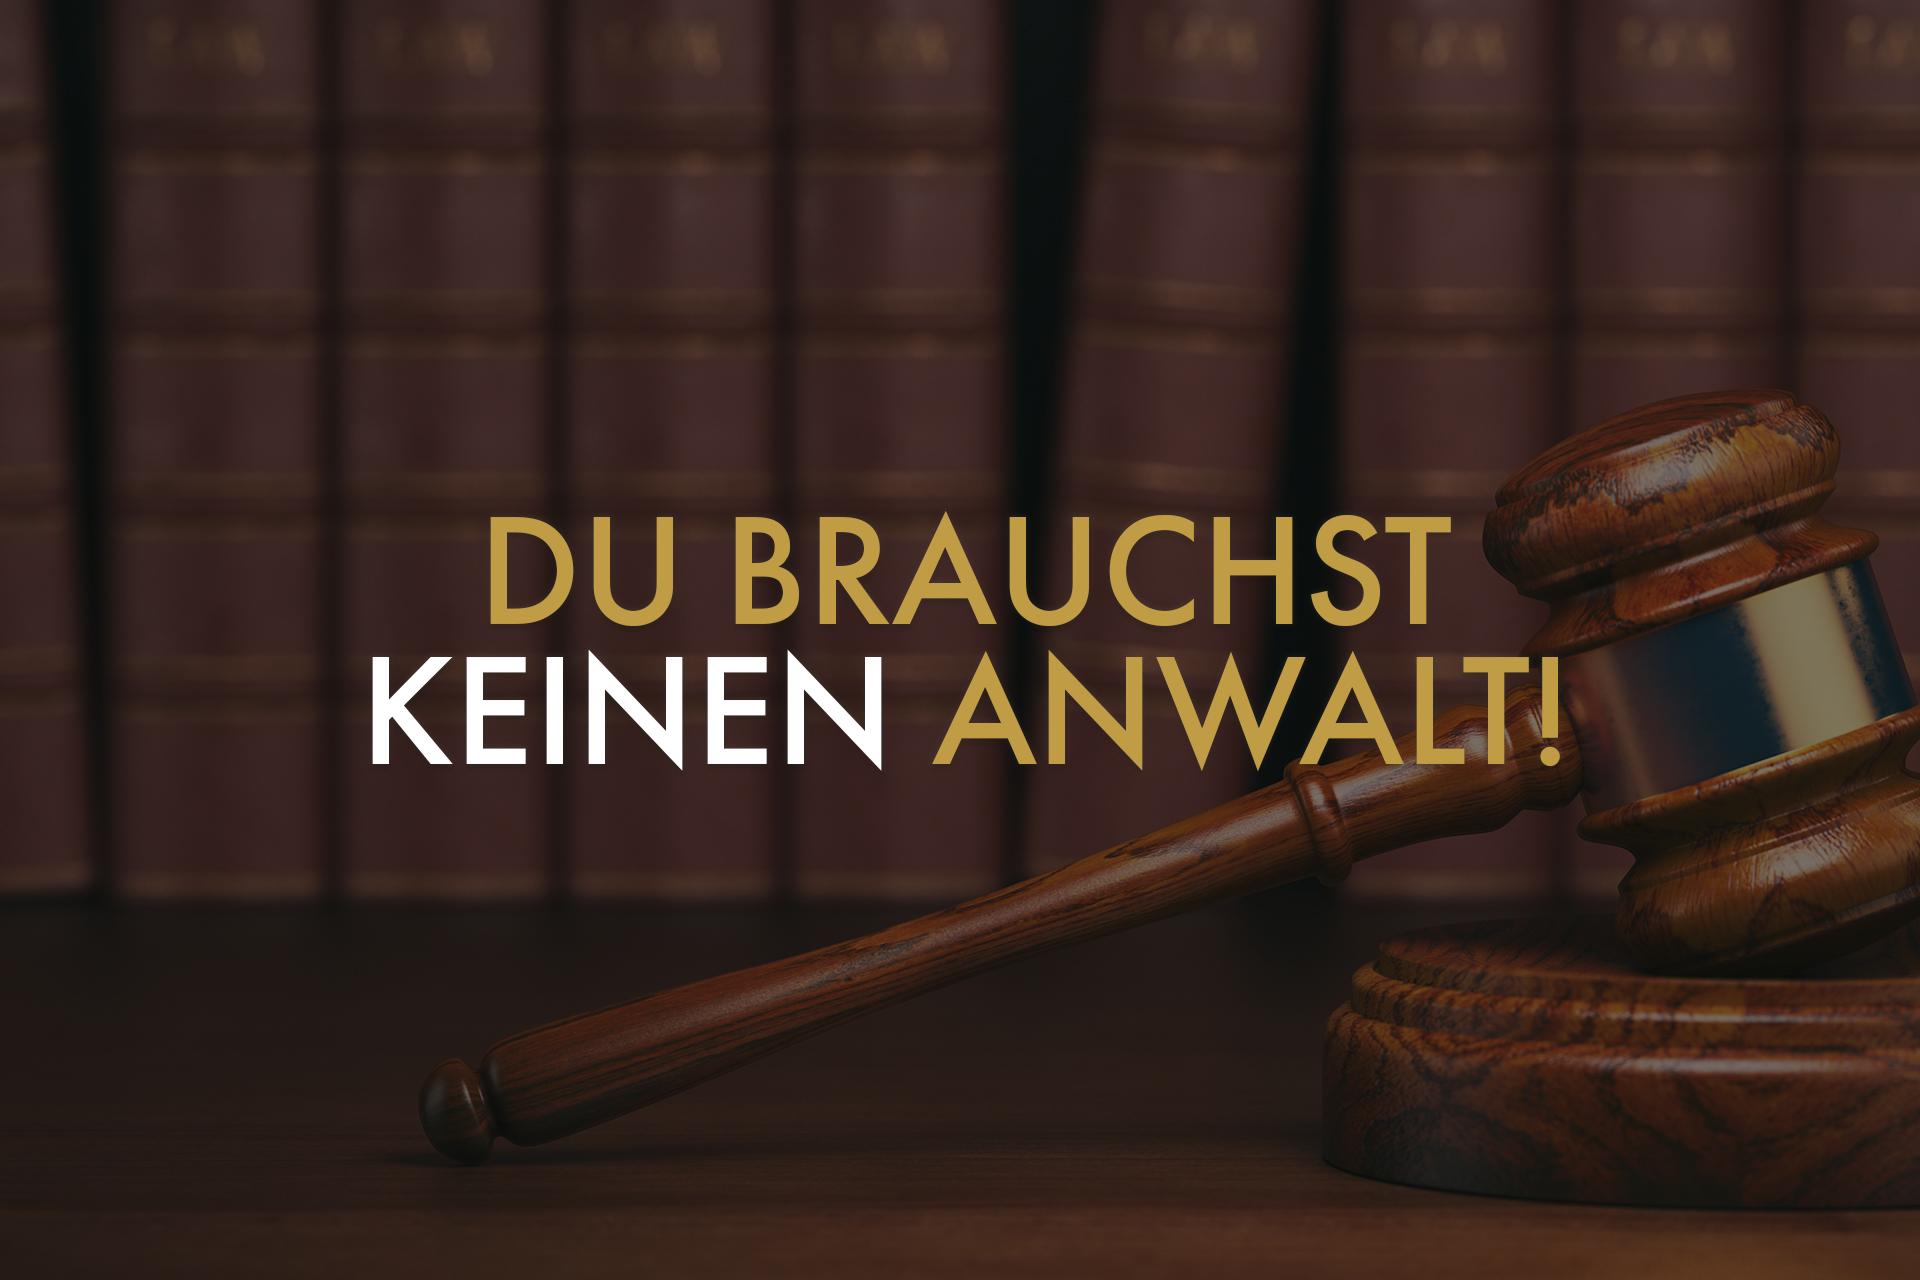 Du brauchst keinen Anwalt